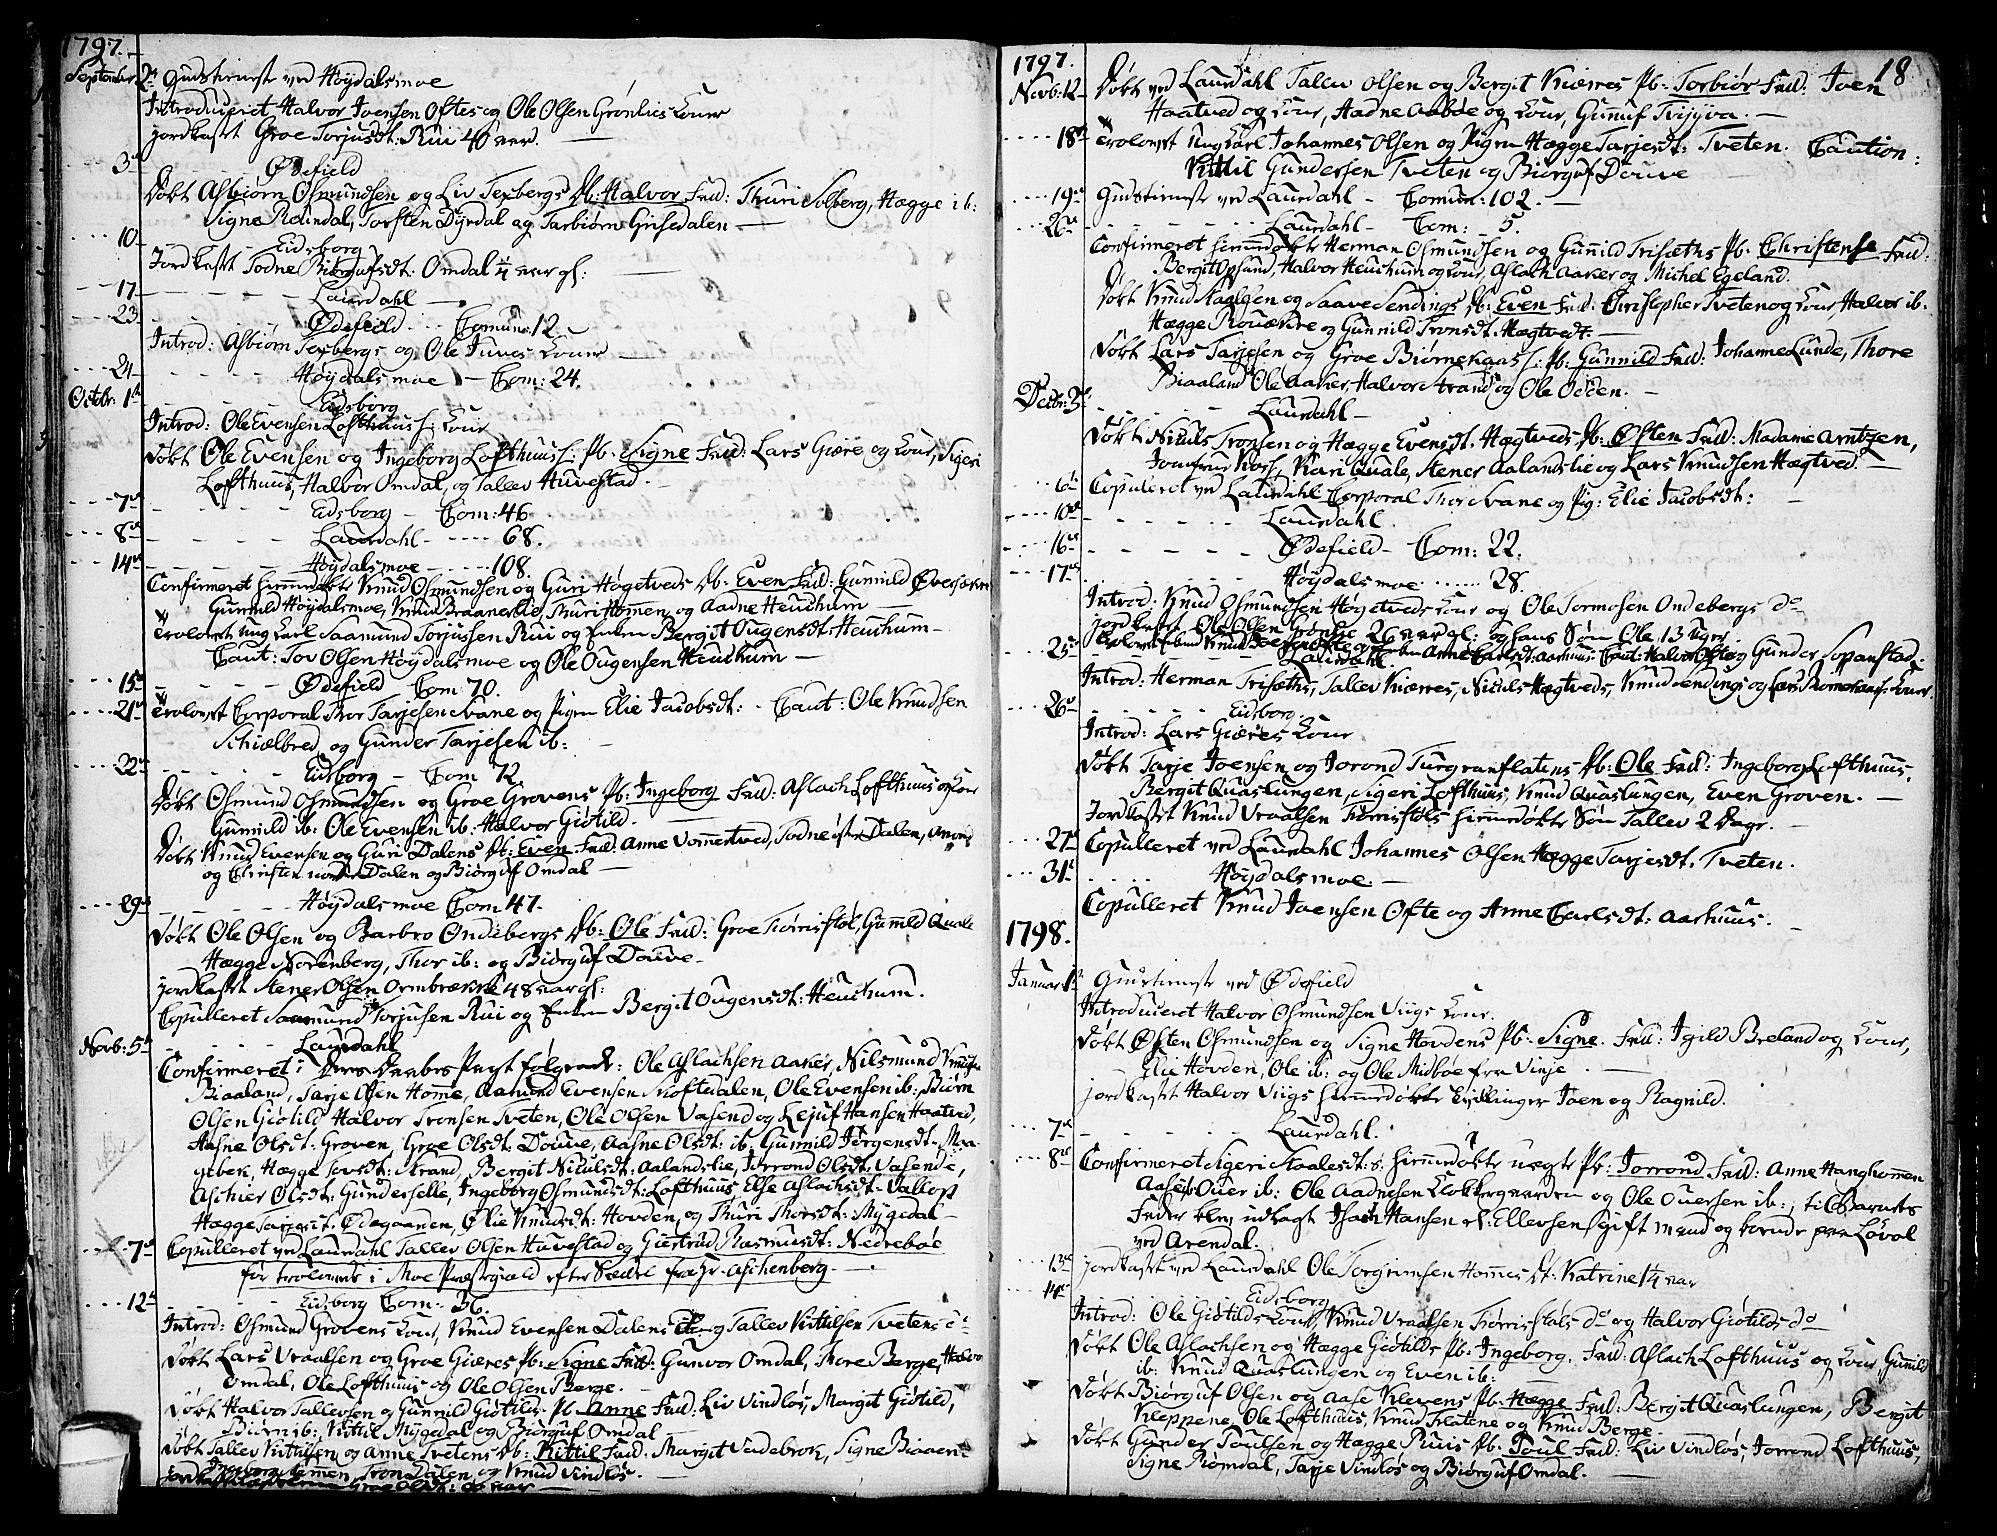 SAKO, Lårdal kirkebøker, F/Fa/L0004: Ministerialbok nr. I 4, 1790-1814, s. 18